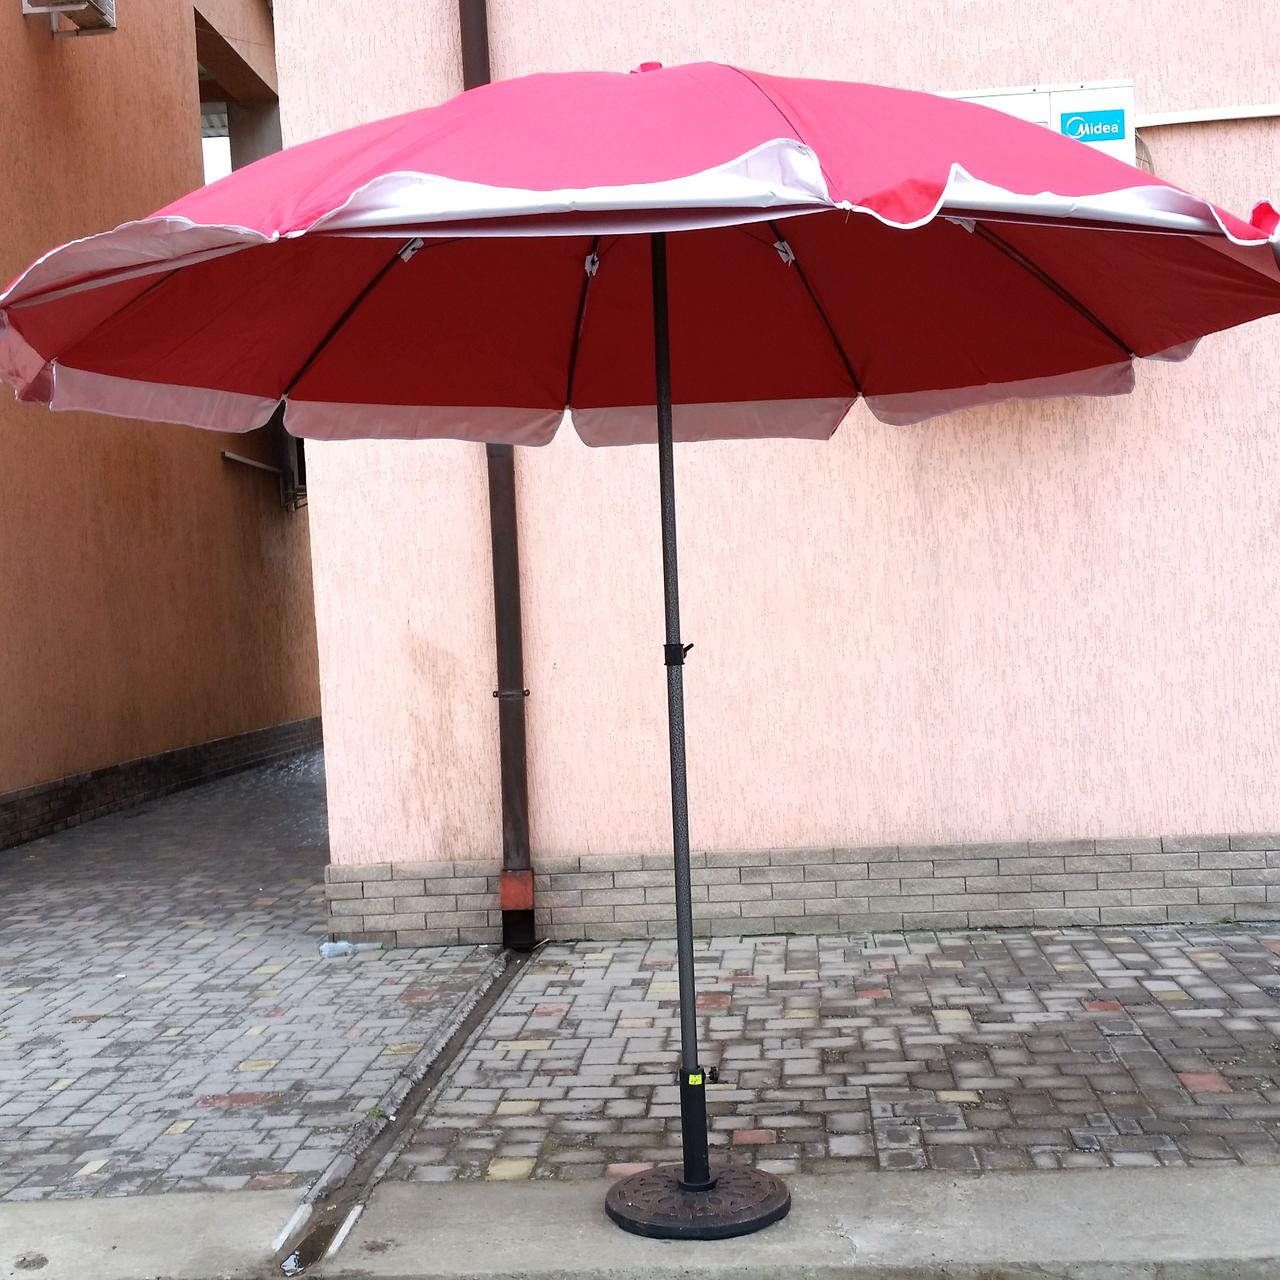 Зонт садовый, торговый, круглый, мощный, двойная ткань, 2,8 м, мод-109